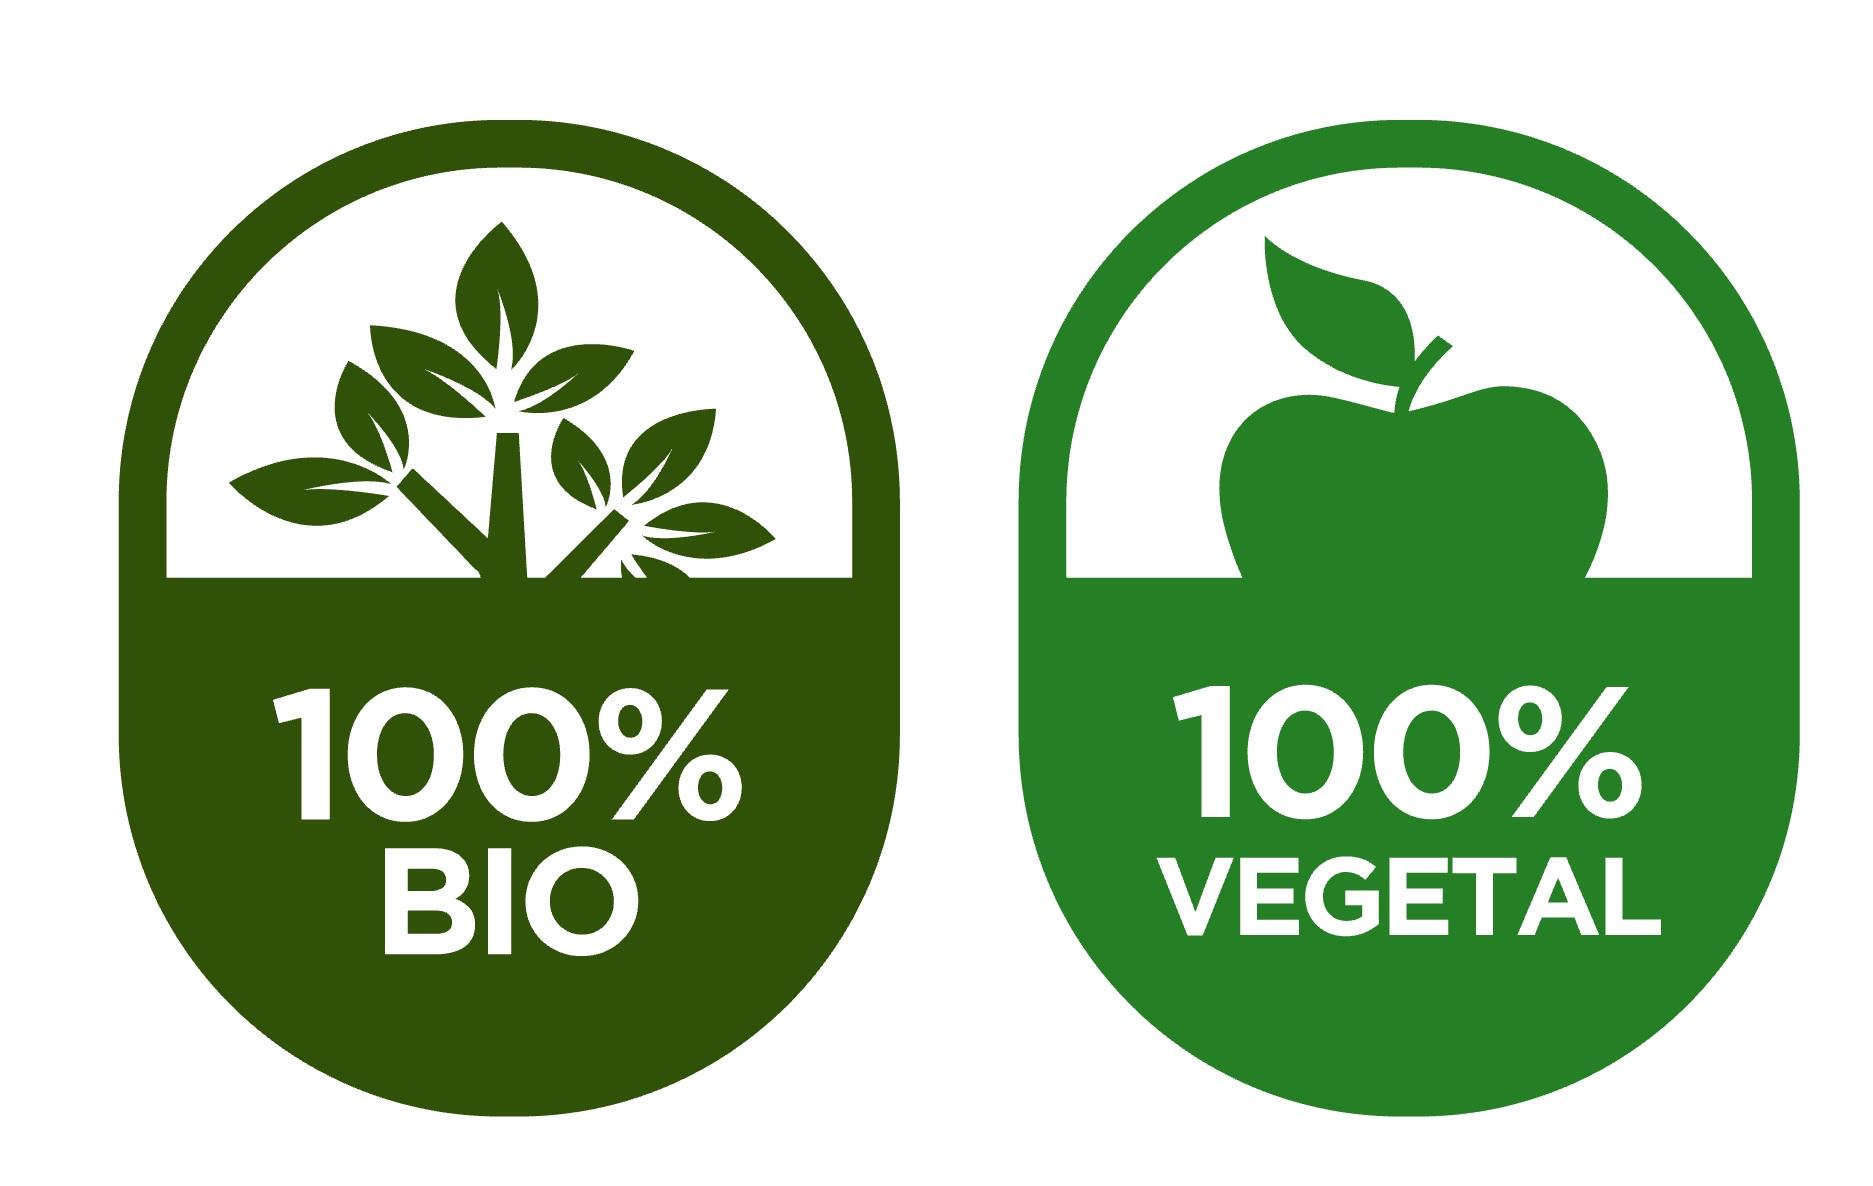 Comida vegetariana y ecológica